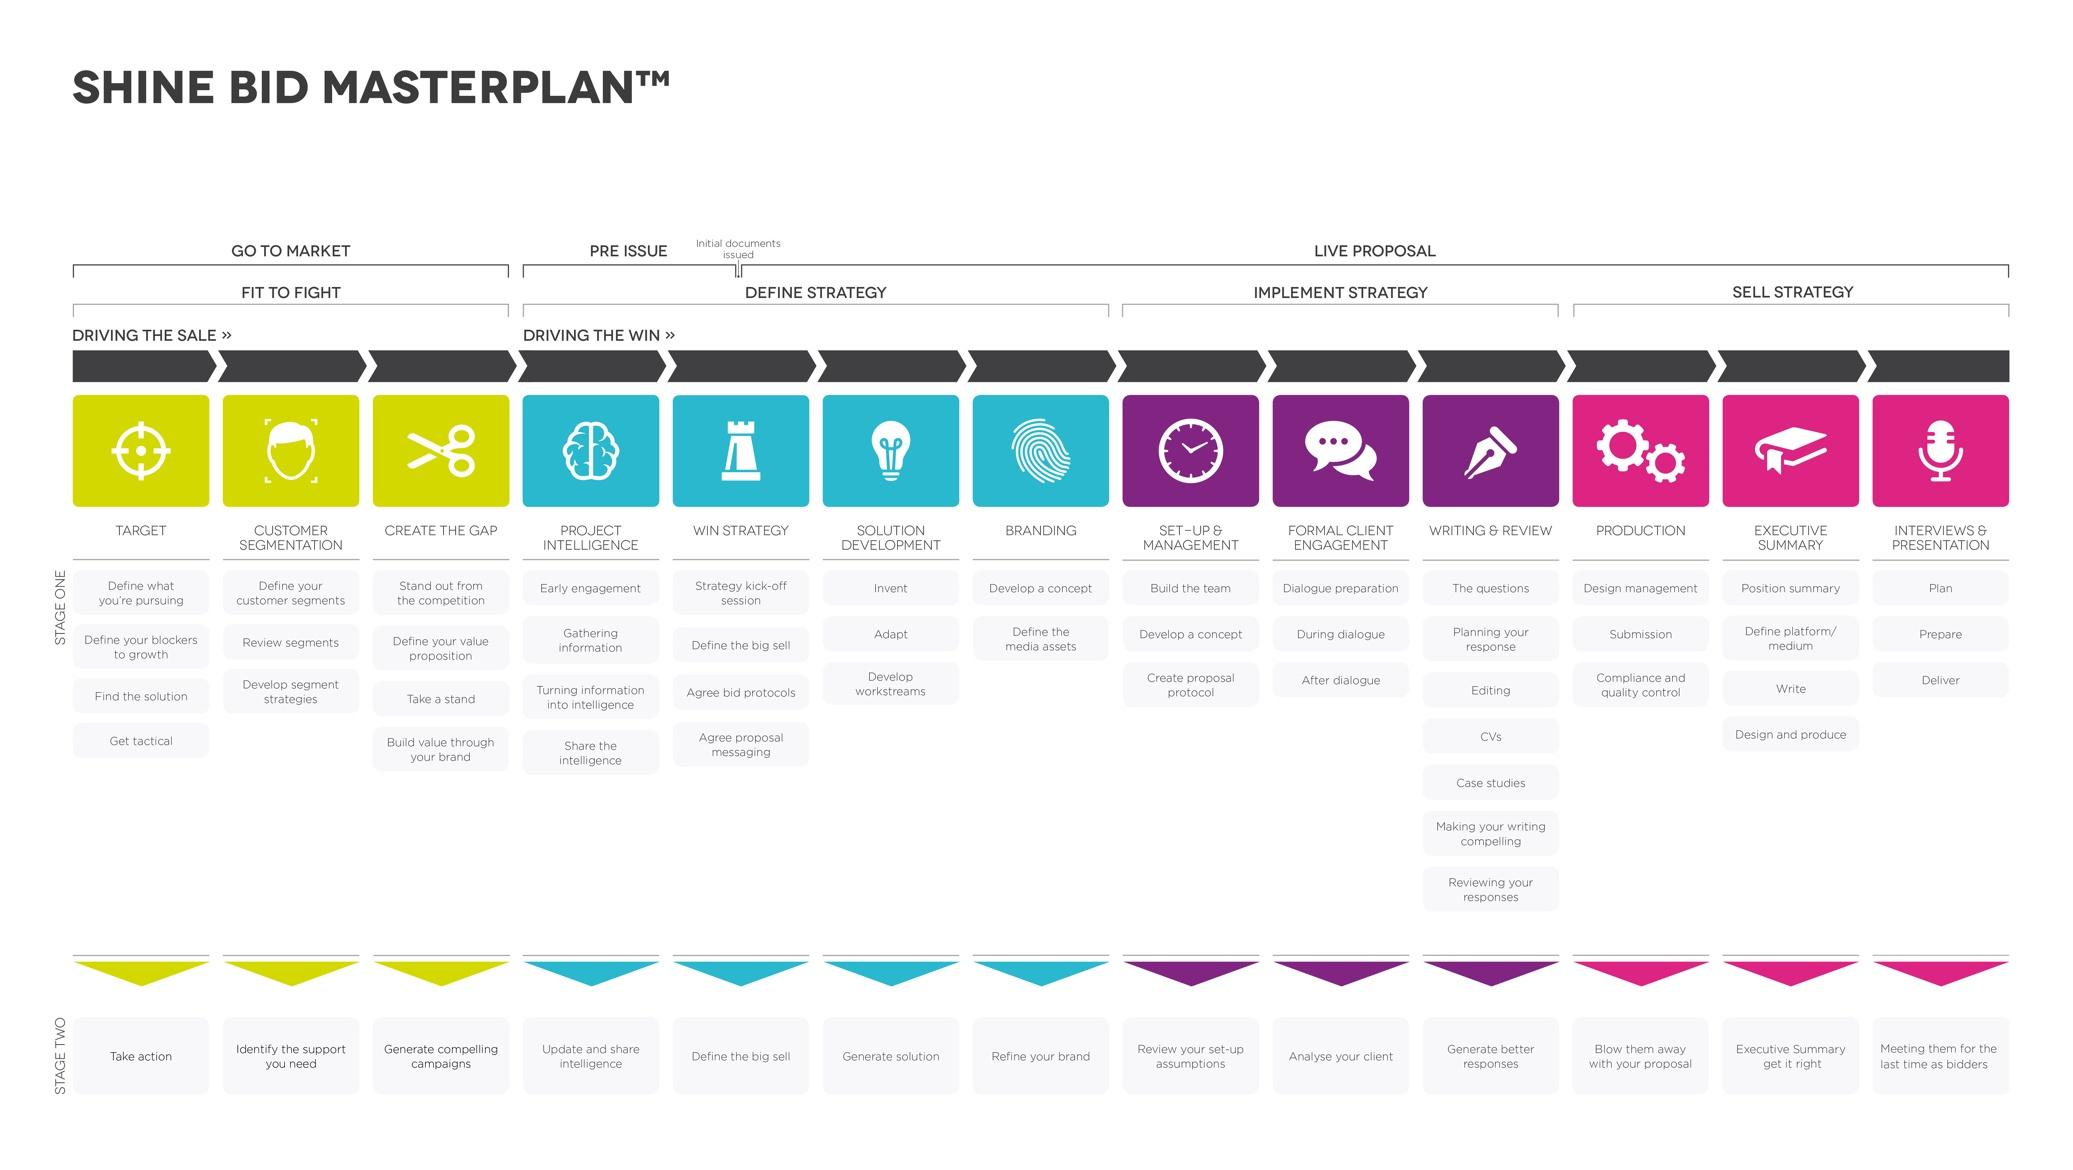 sb-masterplan@3x